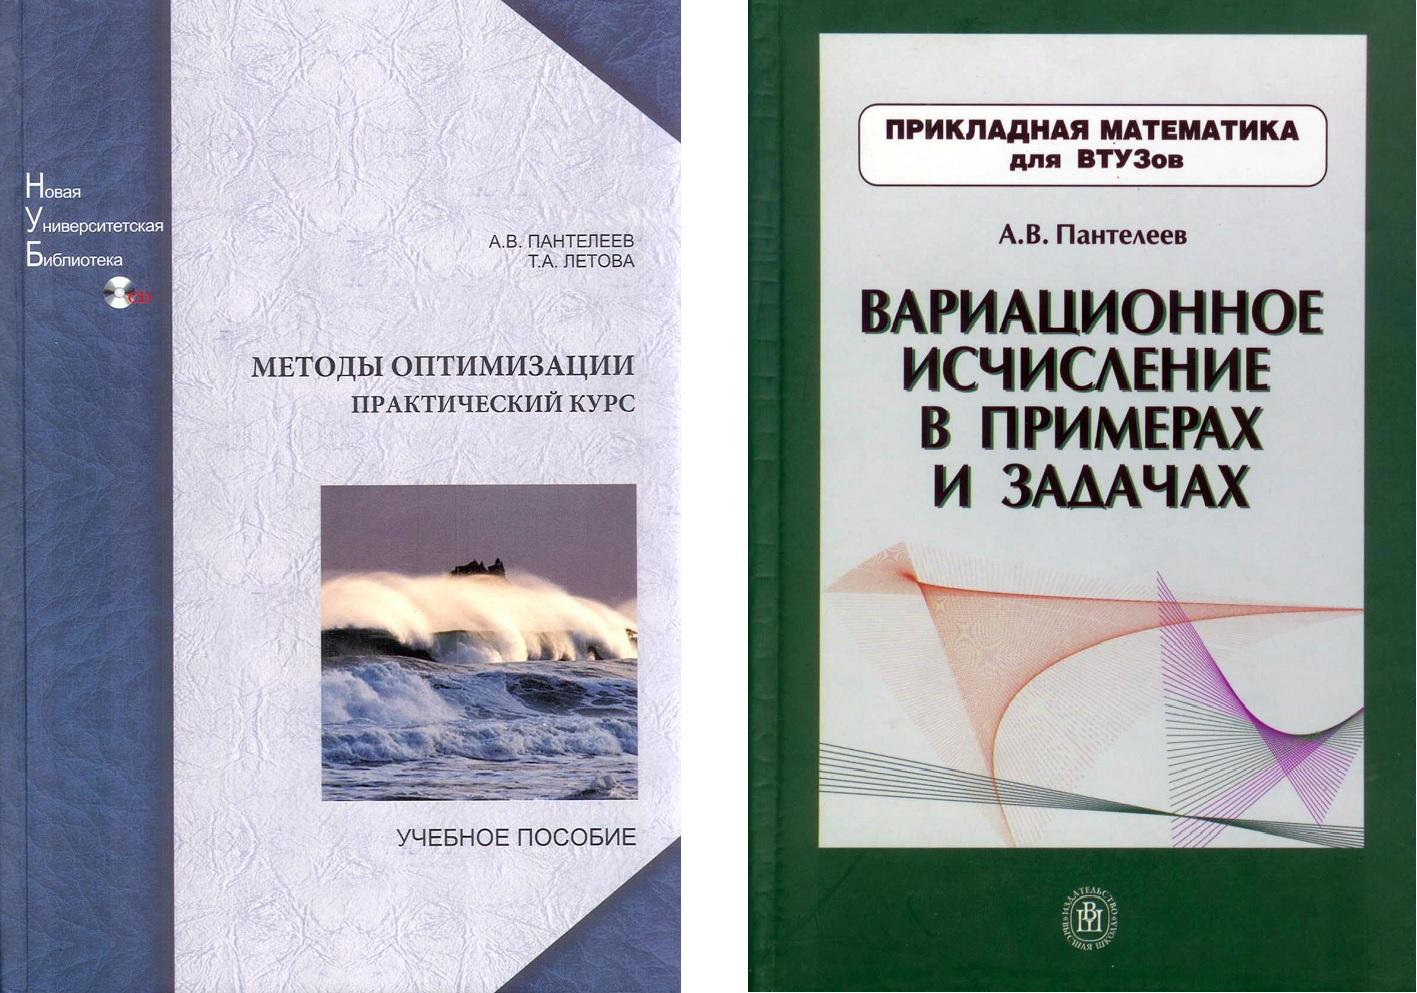 Методы оптимизации (Институт №8, ФИИТ)